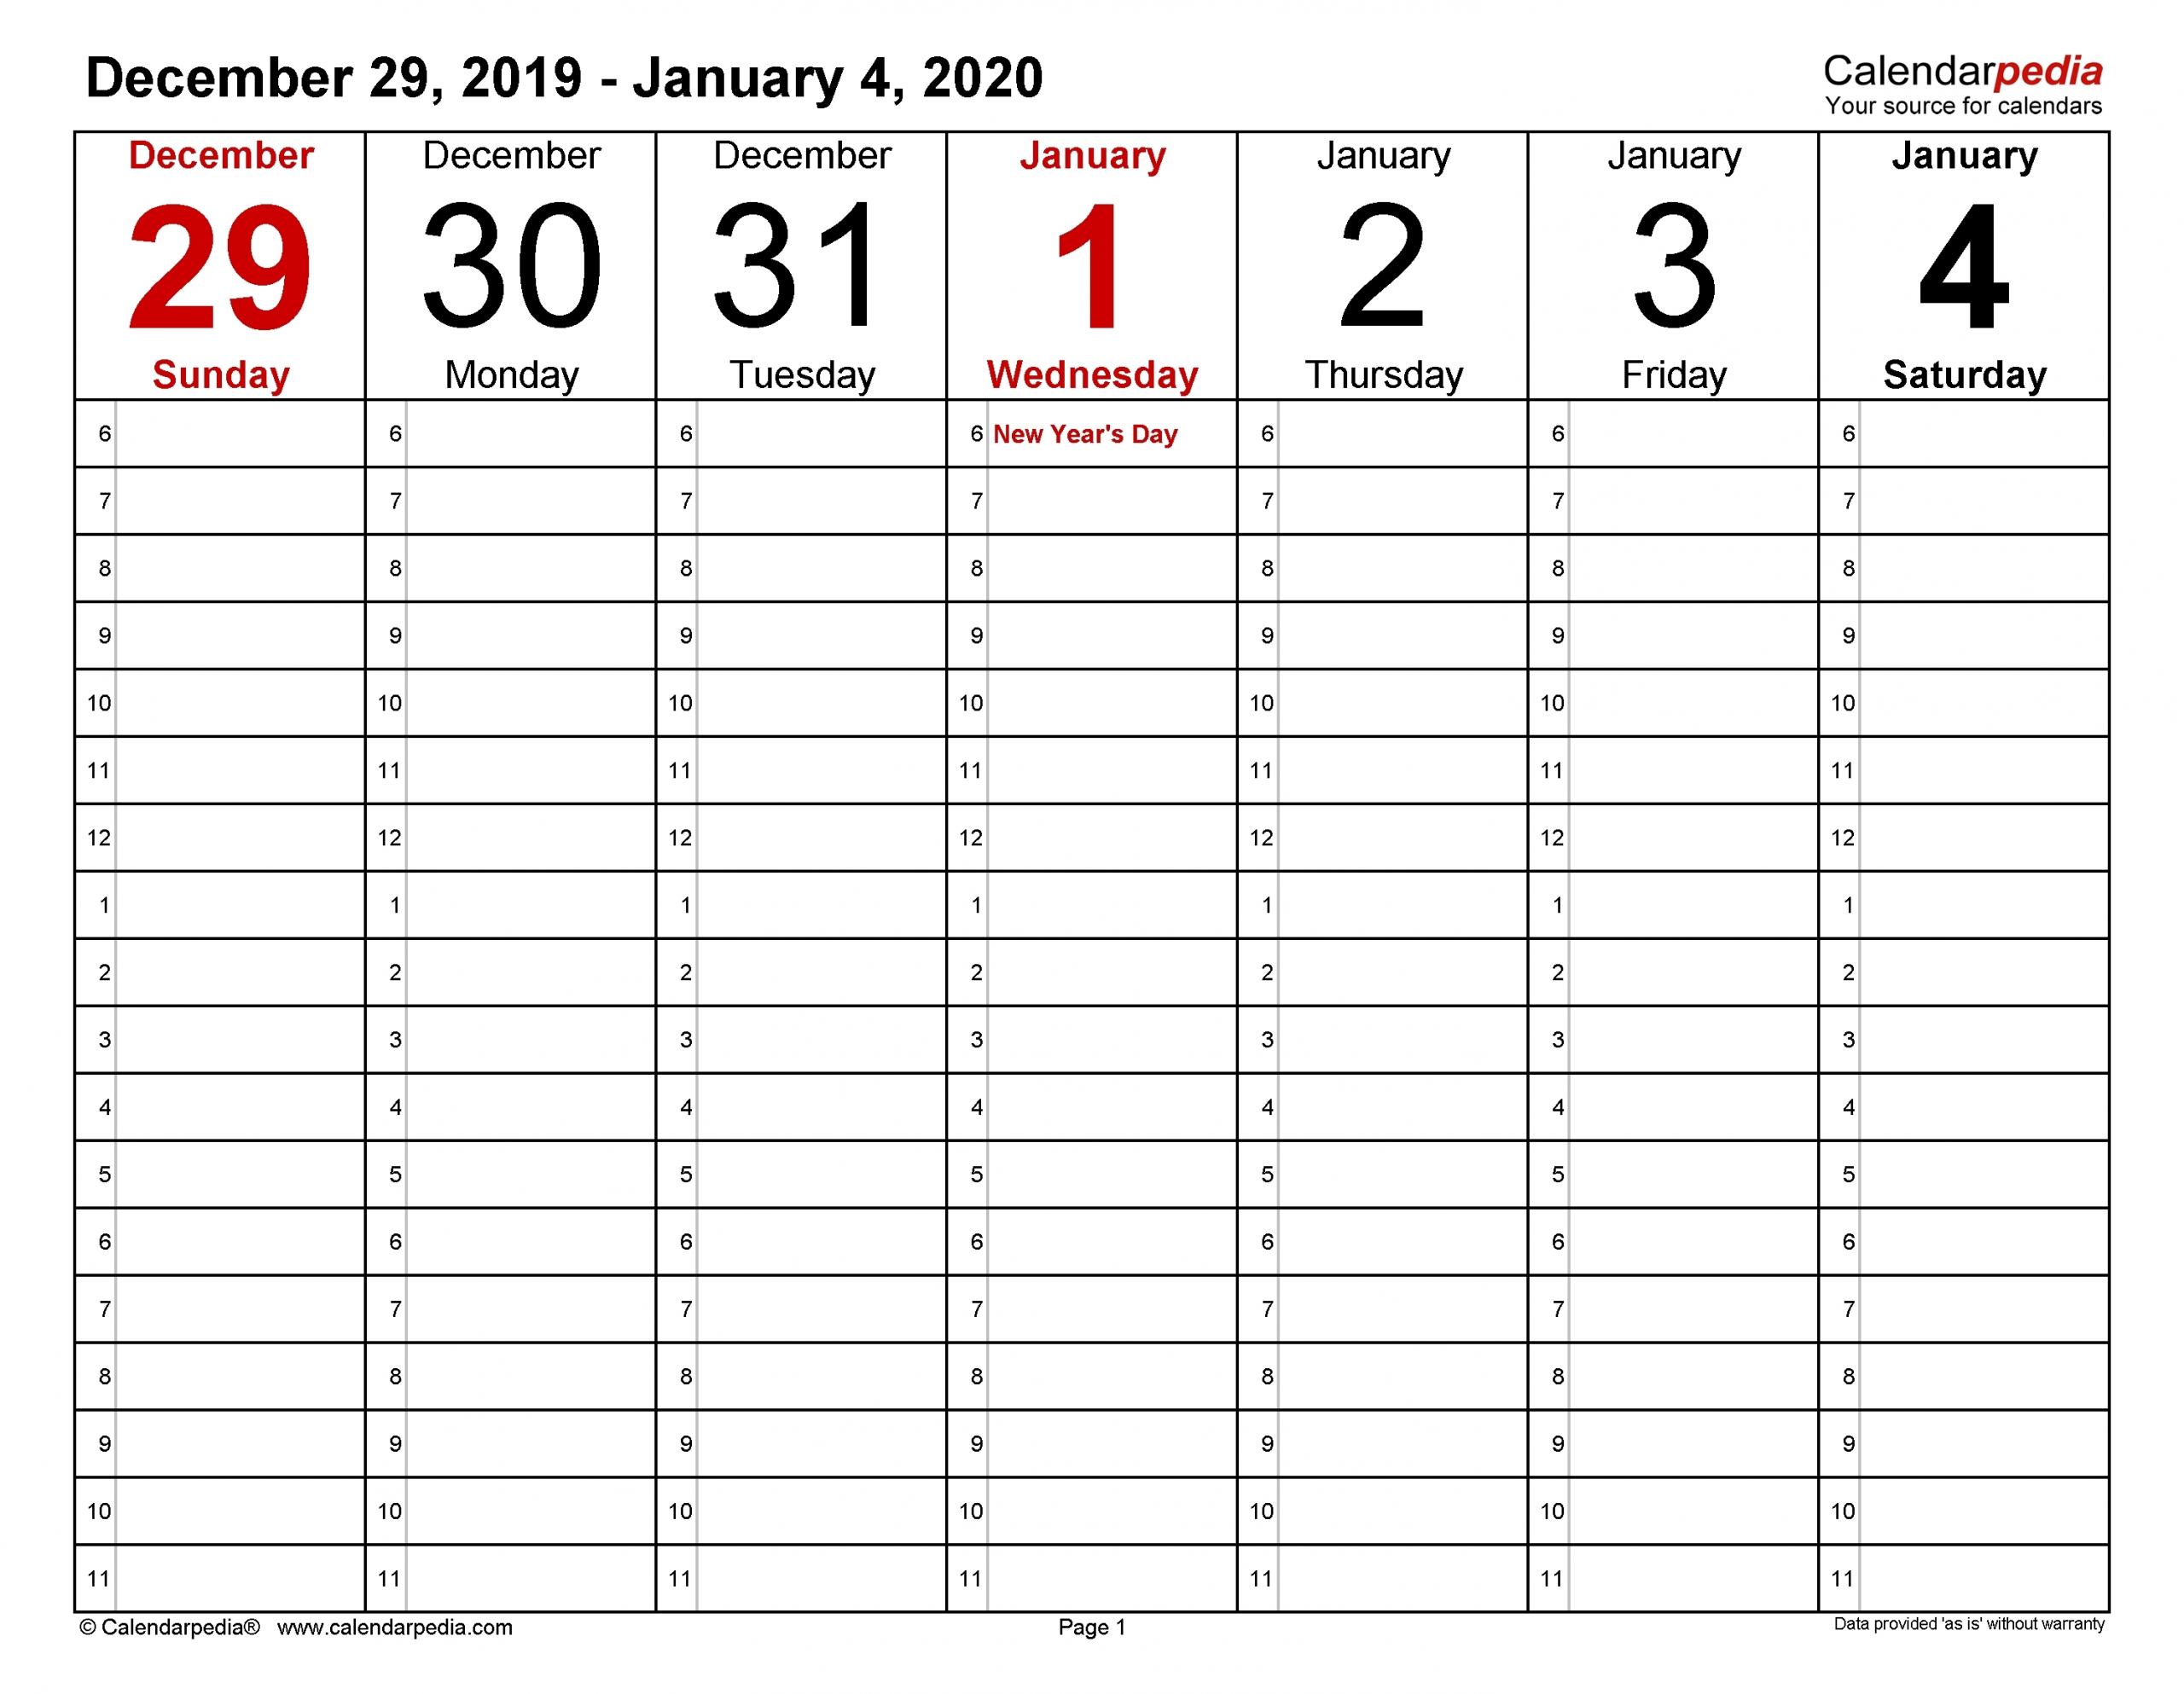 Weekly Calendar 2020 - Template Calendar Design